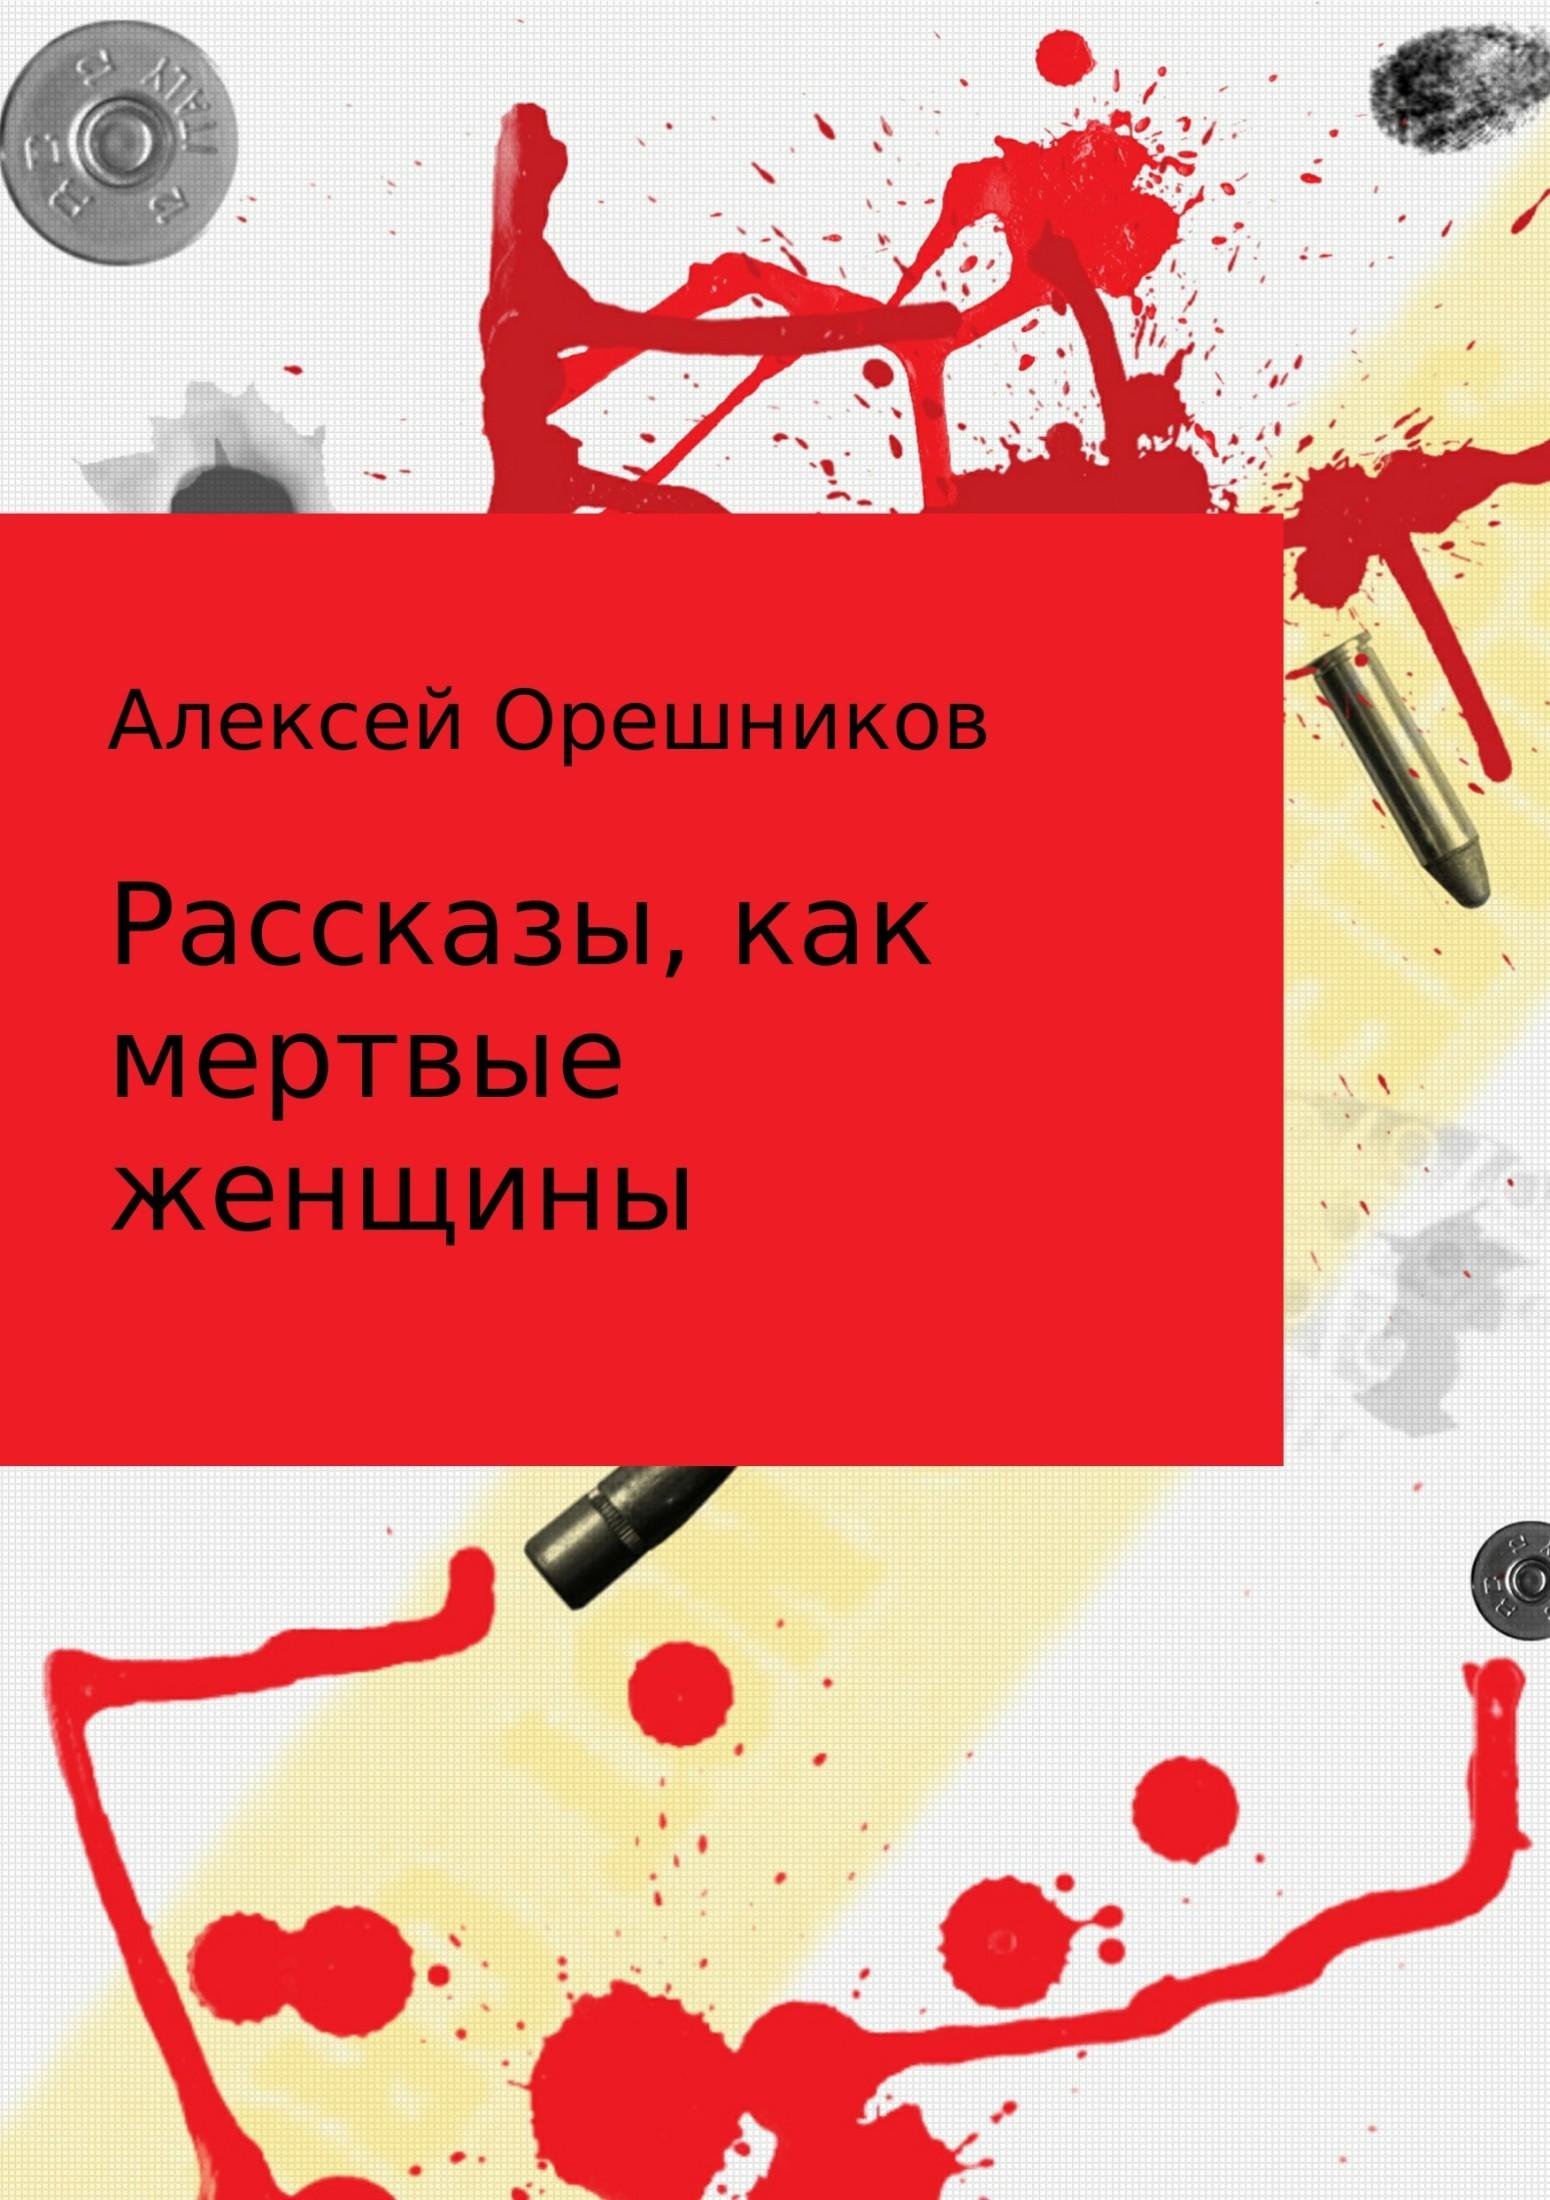 Алексей Борисович Орешников Рассказы, как мертвые женщины как мед справку если стоишь на учете в психдиспансер